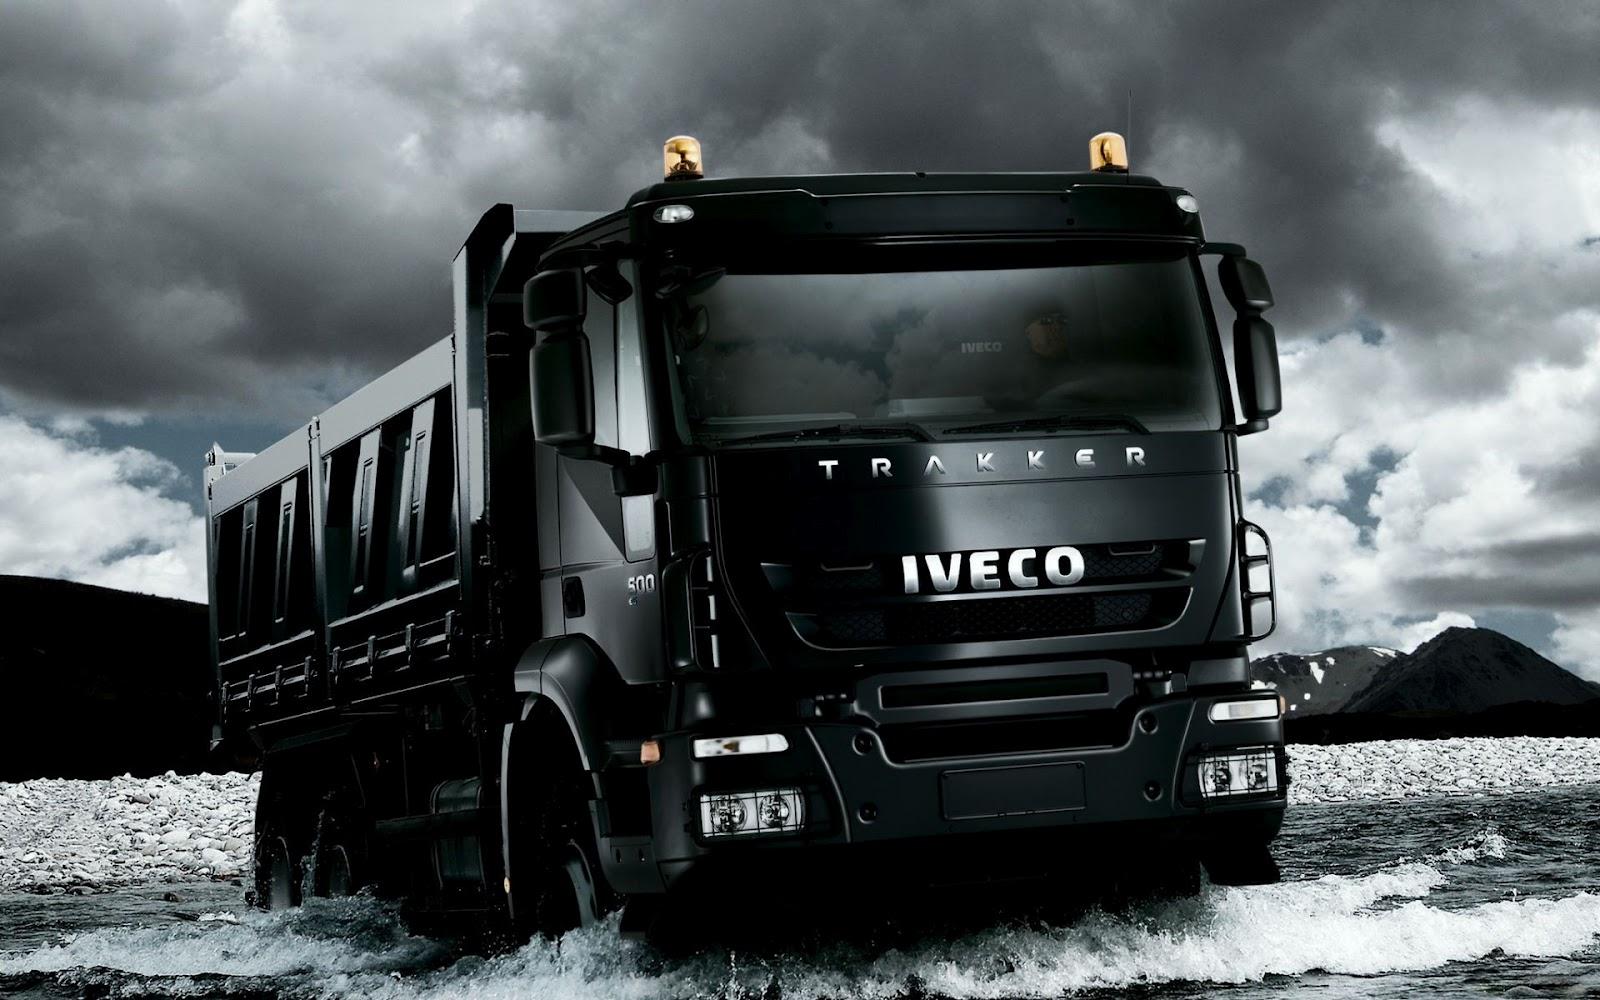 Black Iveco Trakker Truck HD Desktop Wallpaper 1600x1000